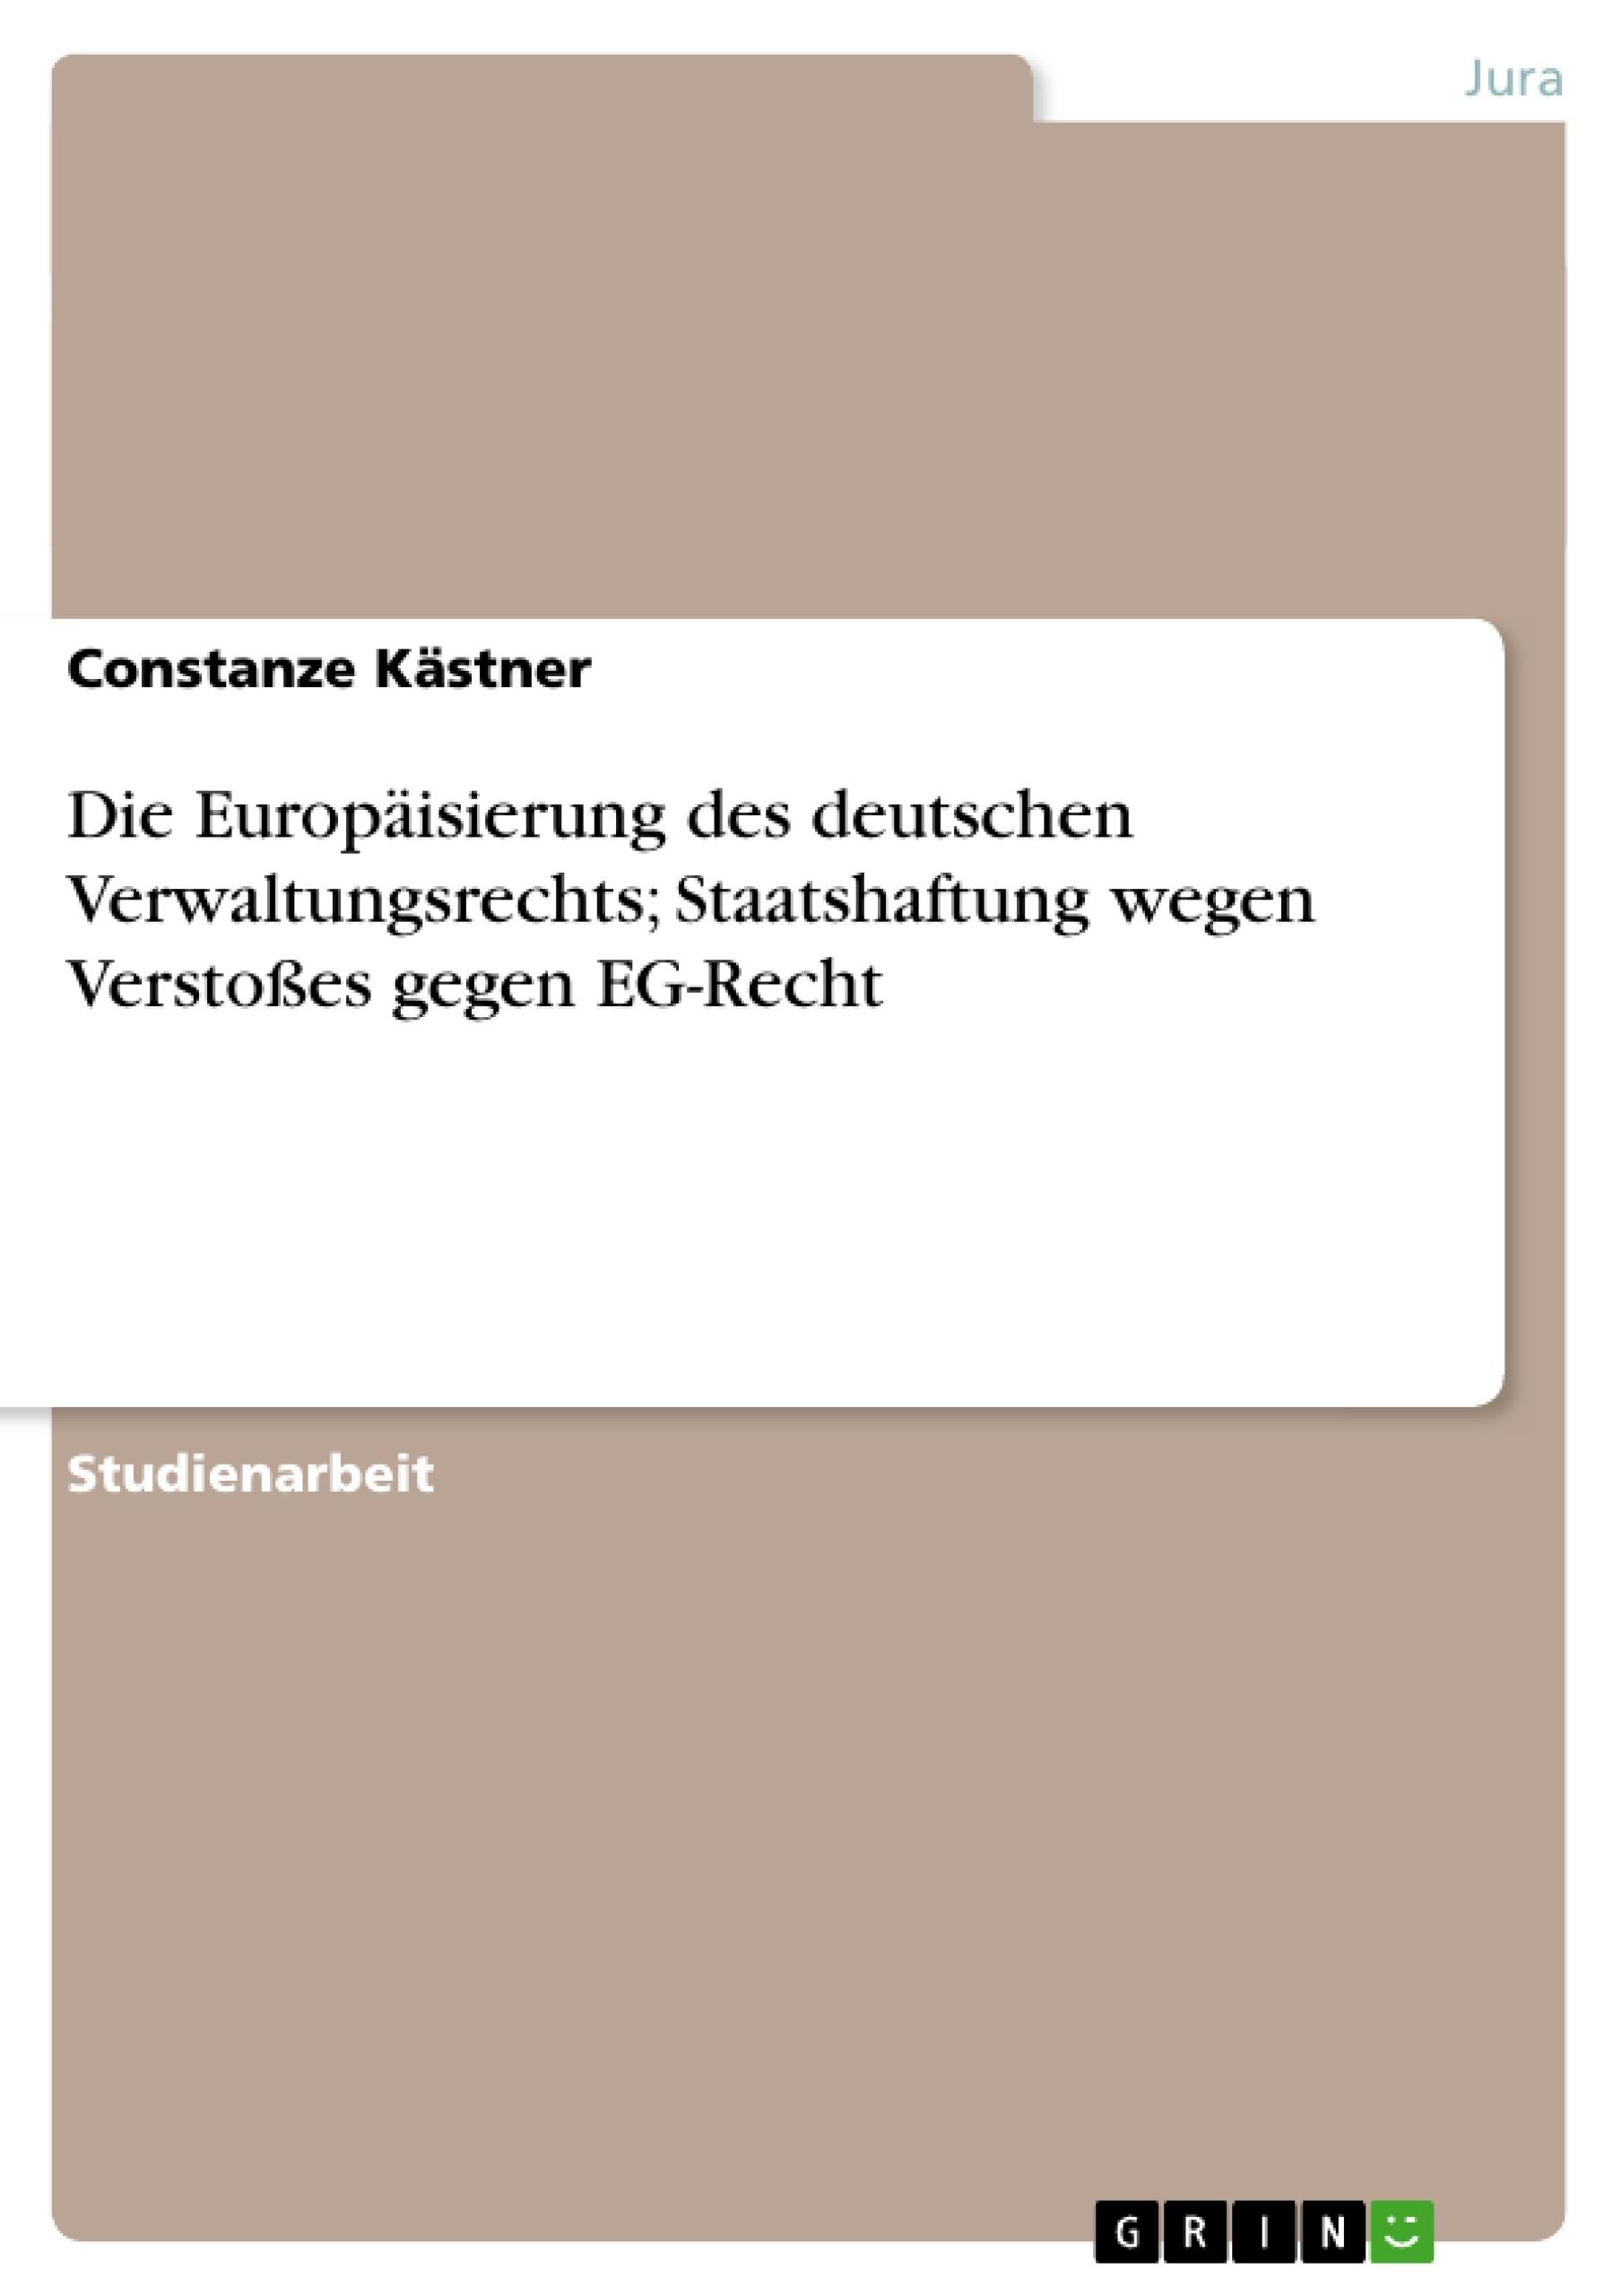 die europ isierung des deutschen verwaltungsrechts staatshaftung masterarbeit hausarbeit. Black Bedroom Furniture Sets. Home Design Ideas